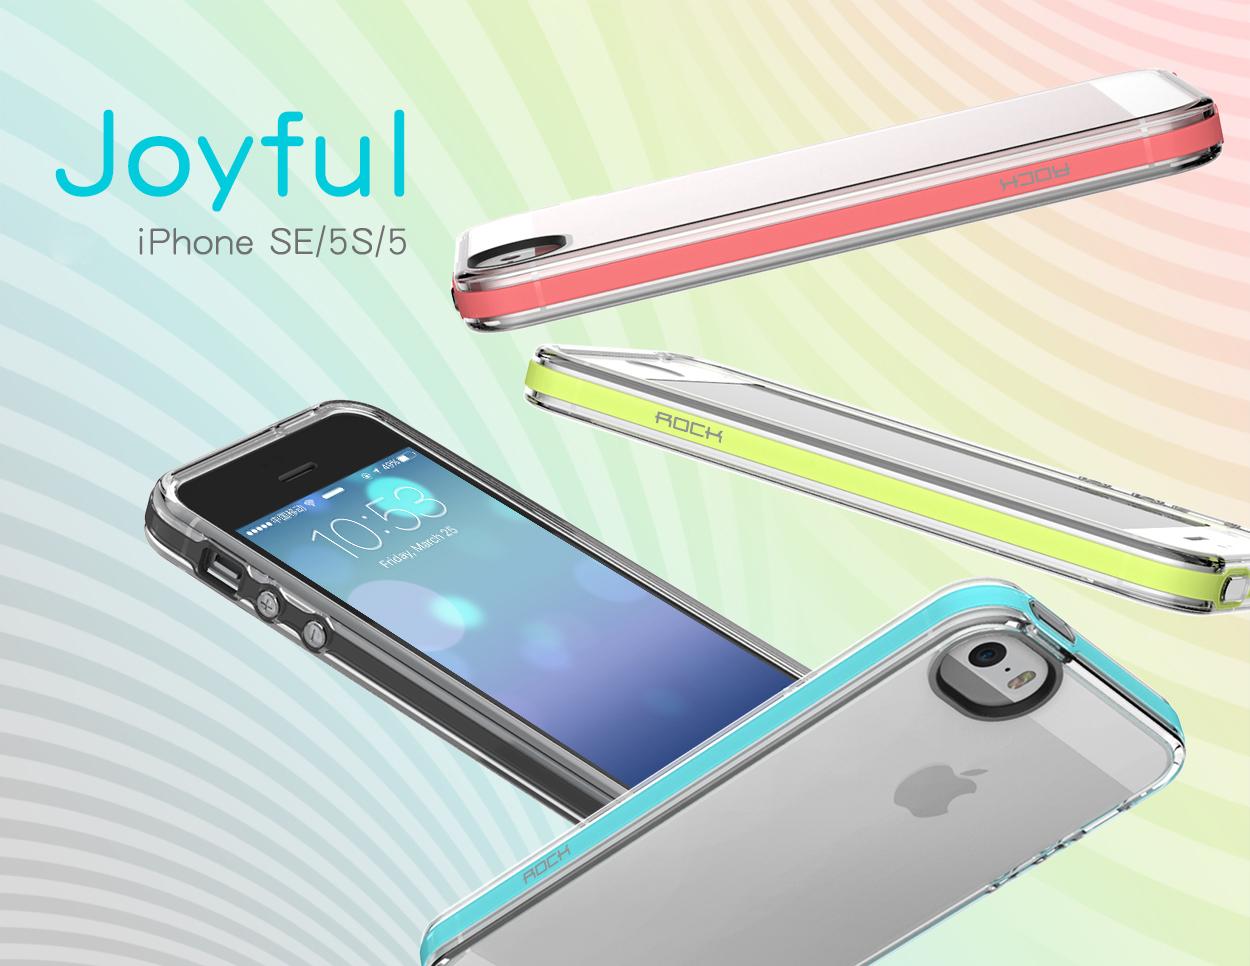 Husa-Joyful-iPhone-5-5S-SE